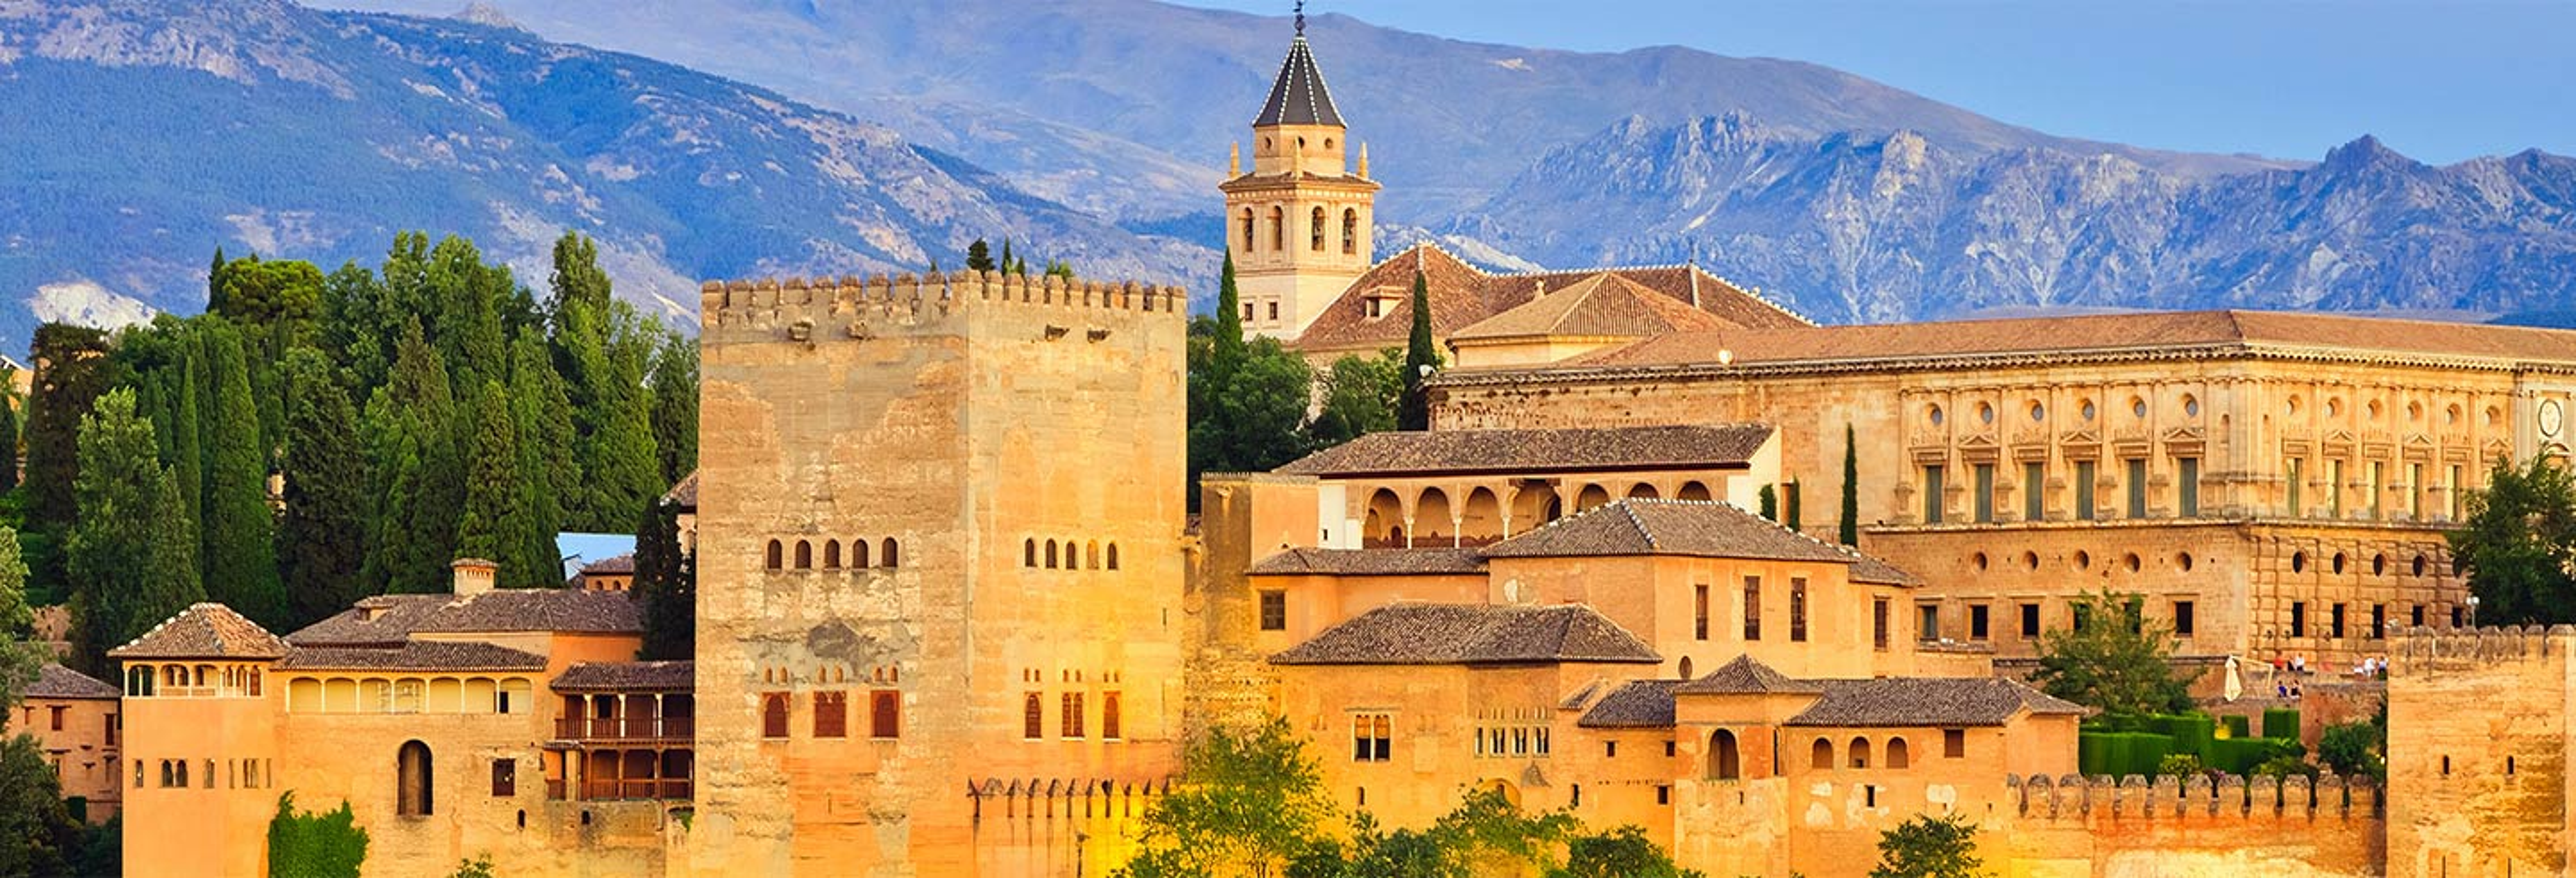 Visita guidata dell'Alhambra e del Generalife